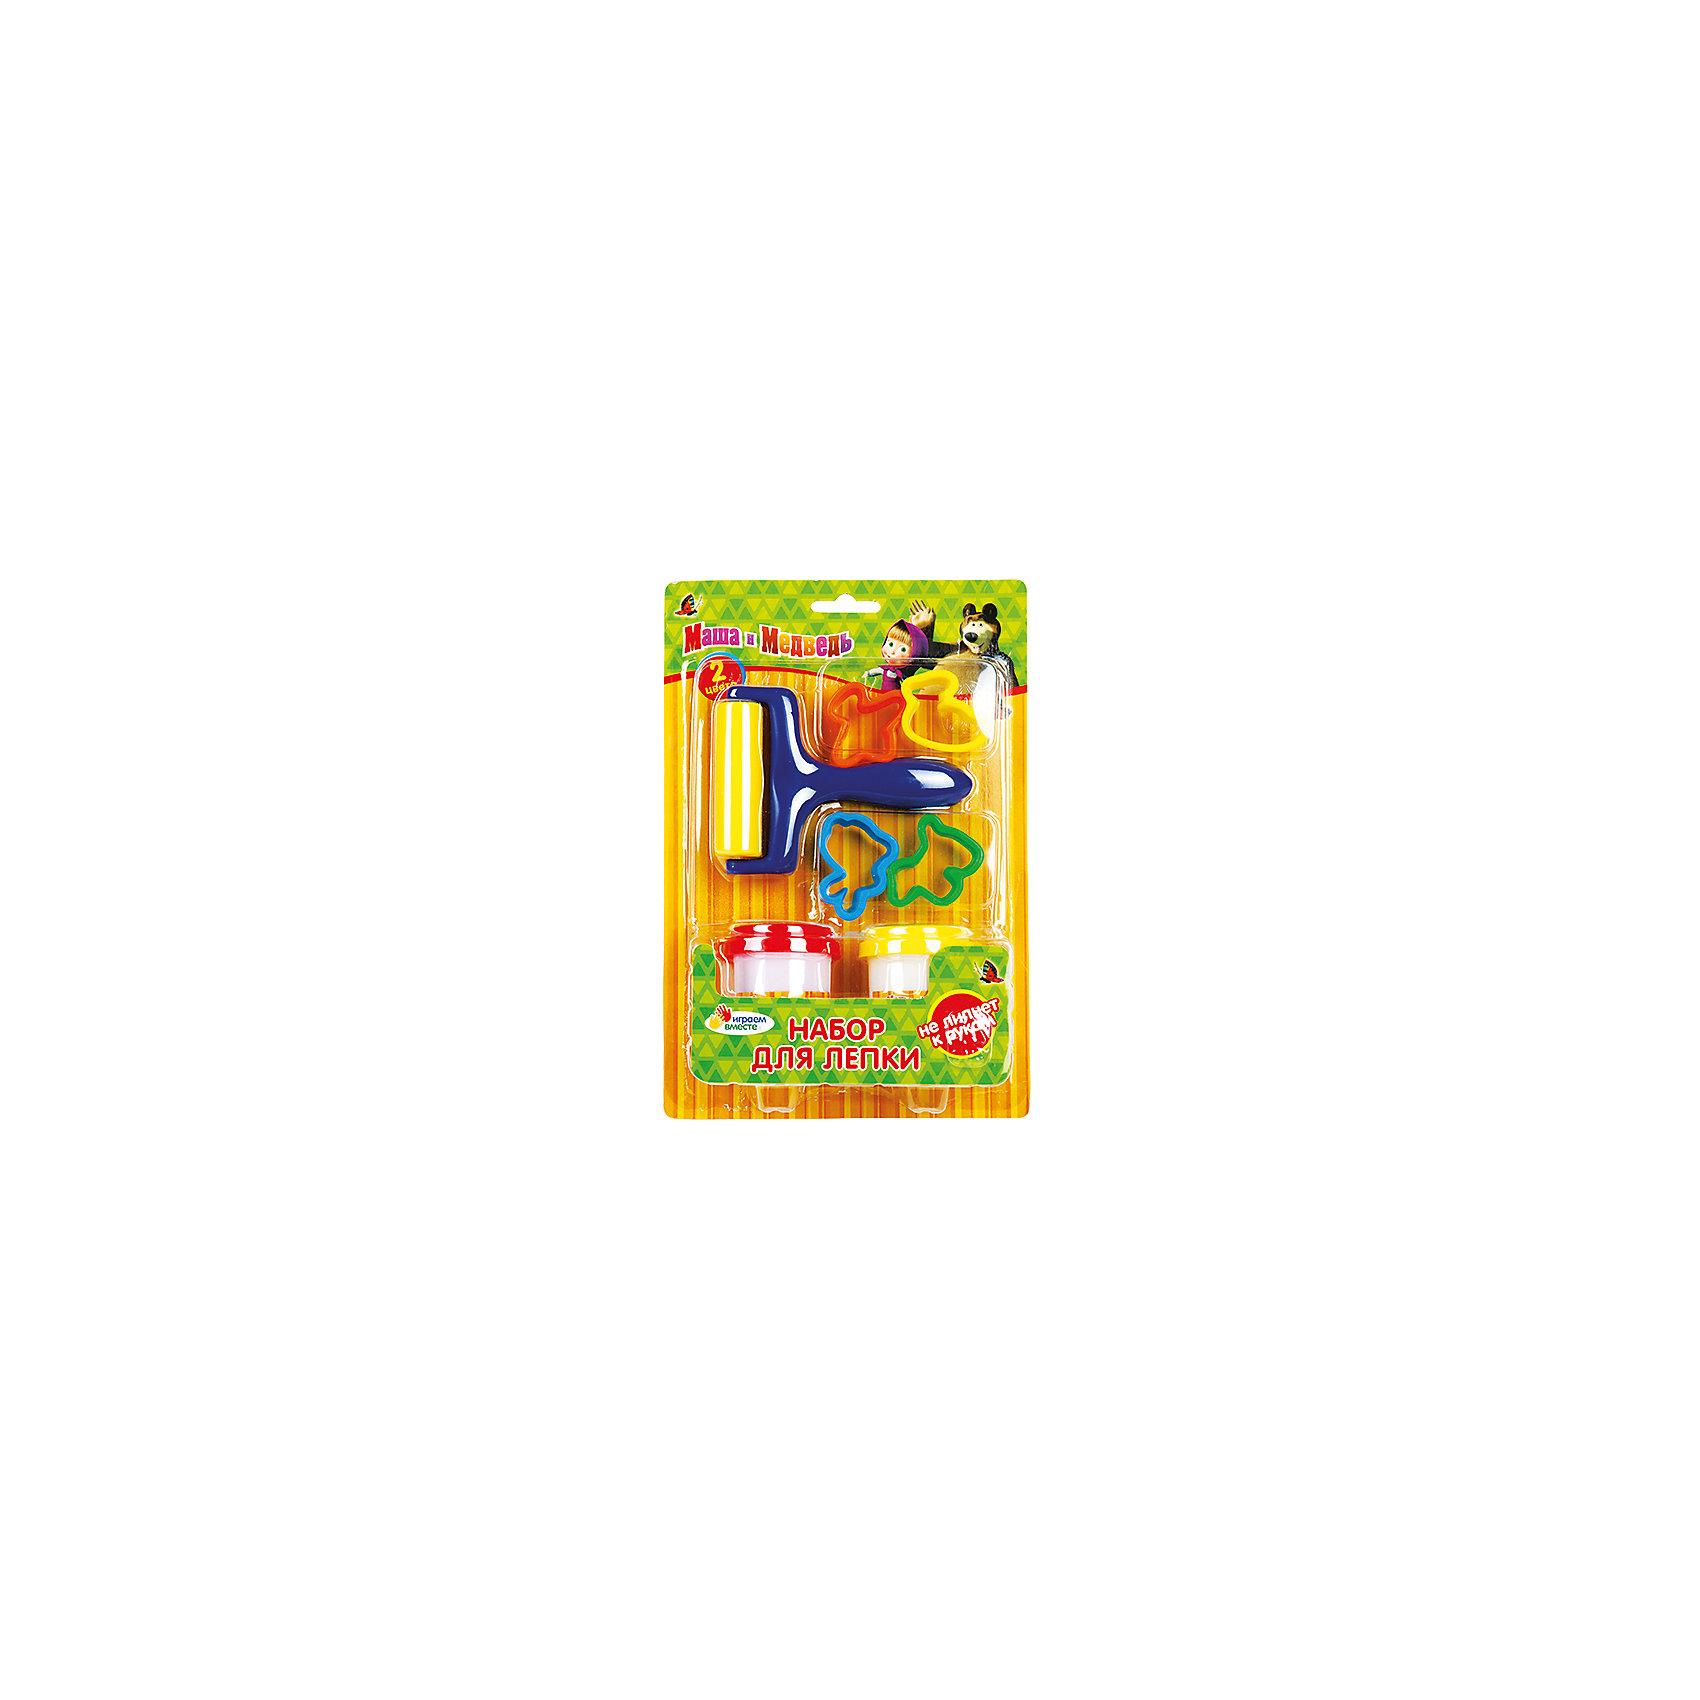 Набор для лепки, Маша и МедведьВ наборе для лепки Маша и Медведь есть все, что нужно для творчества ребенка: тесто, формочки, инструменты и, конечно же, любимые герои мультсериала. Тесто абсолютно безопасно, не липнет к рукам, цвета отлично смешиваются. Прекрасный выбор для развития творческого потенциала ребенка!<br>Дополнительная информация:<br>-в наборе: формочки, инструменты, 2 баночки с тестом<br>Сказочный персонаж : Маша и Медведь<br>-вес: 270 грамм<br>-размер упаковки: 17х25х6 см<br>Набор для лепки Маша и Медведь можно купить в нашем интернет-магазине.<br><br>Ширина мм: 60<br>Глубина мм: 250<br>Высота мм: 170<br>Вес г: 270<br>Возраст от месяцев: 36<br>Возраст до месяцев: 84<br>Пол: Женский<br>Возраст: Детский<br>SKU: 4915452